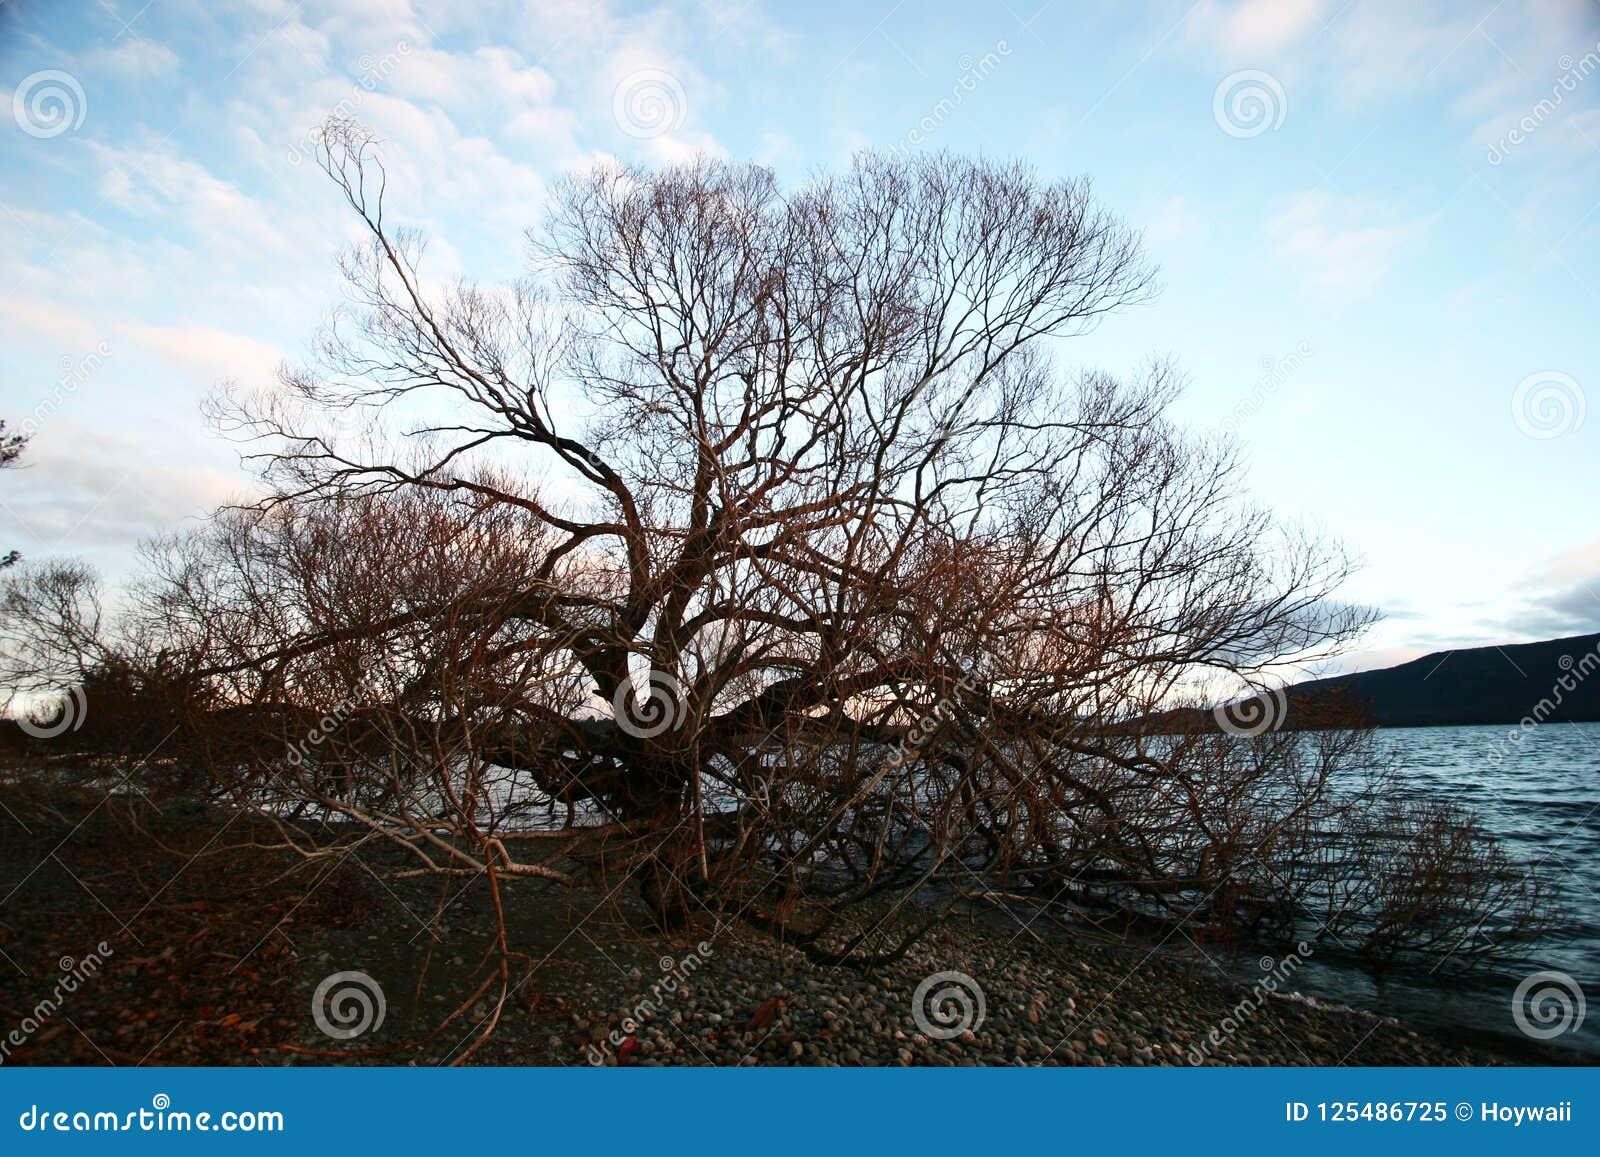 Μόνο άφυλλο δέντρο στη χαραυγή το χειμώνα